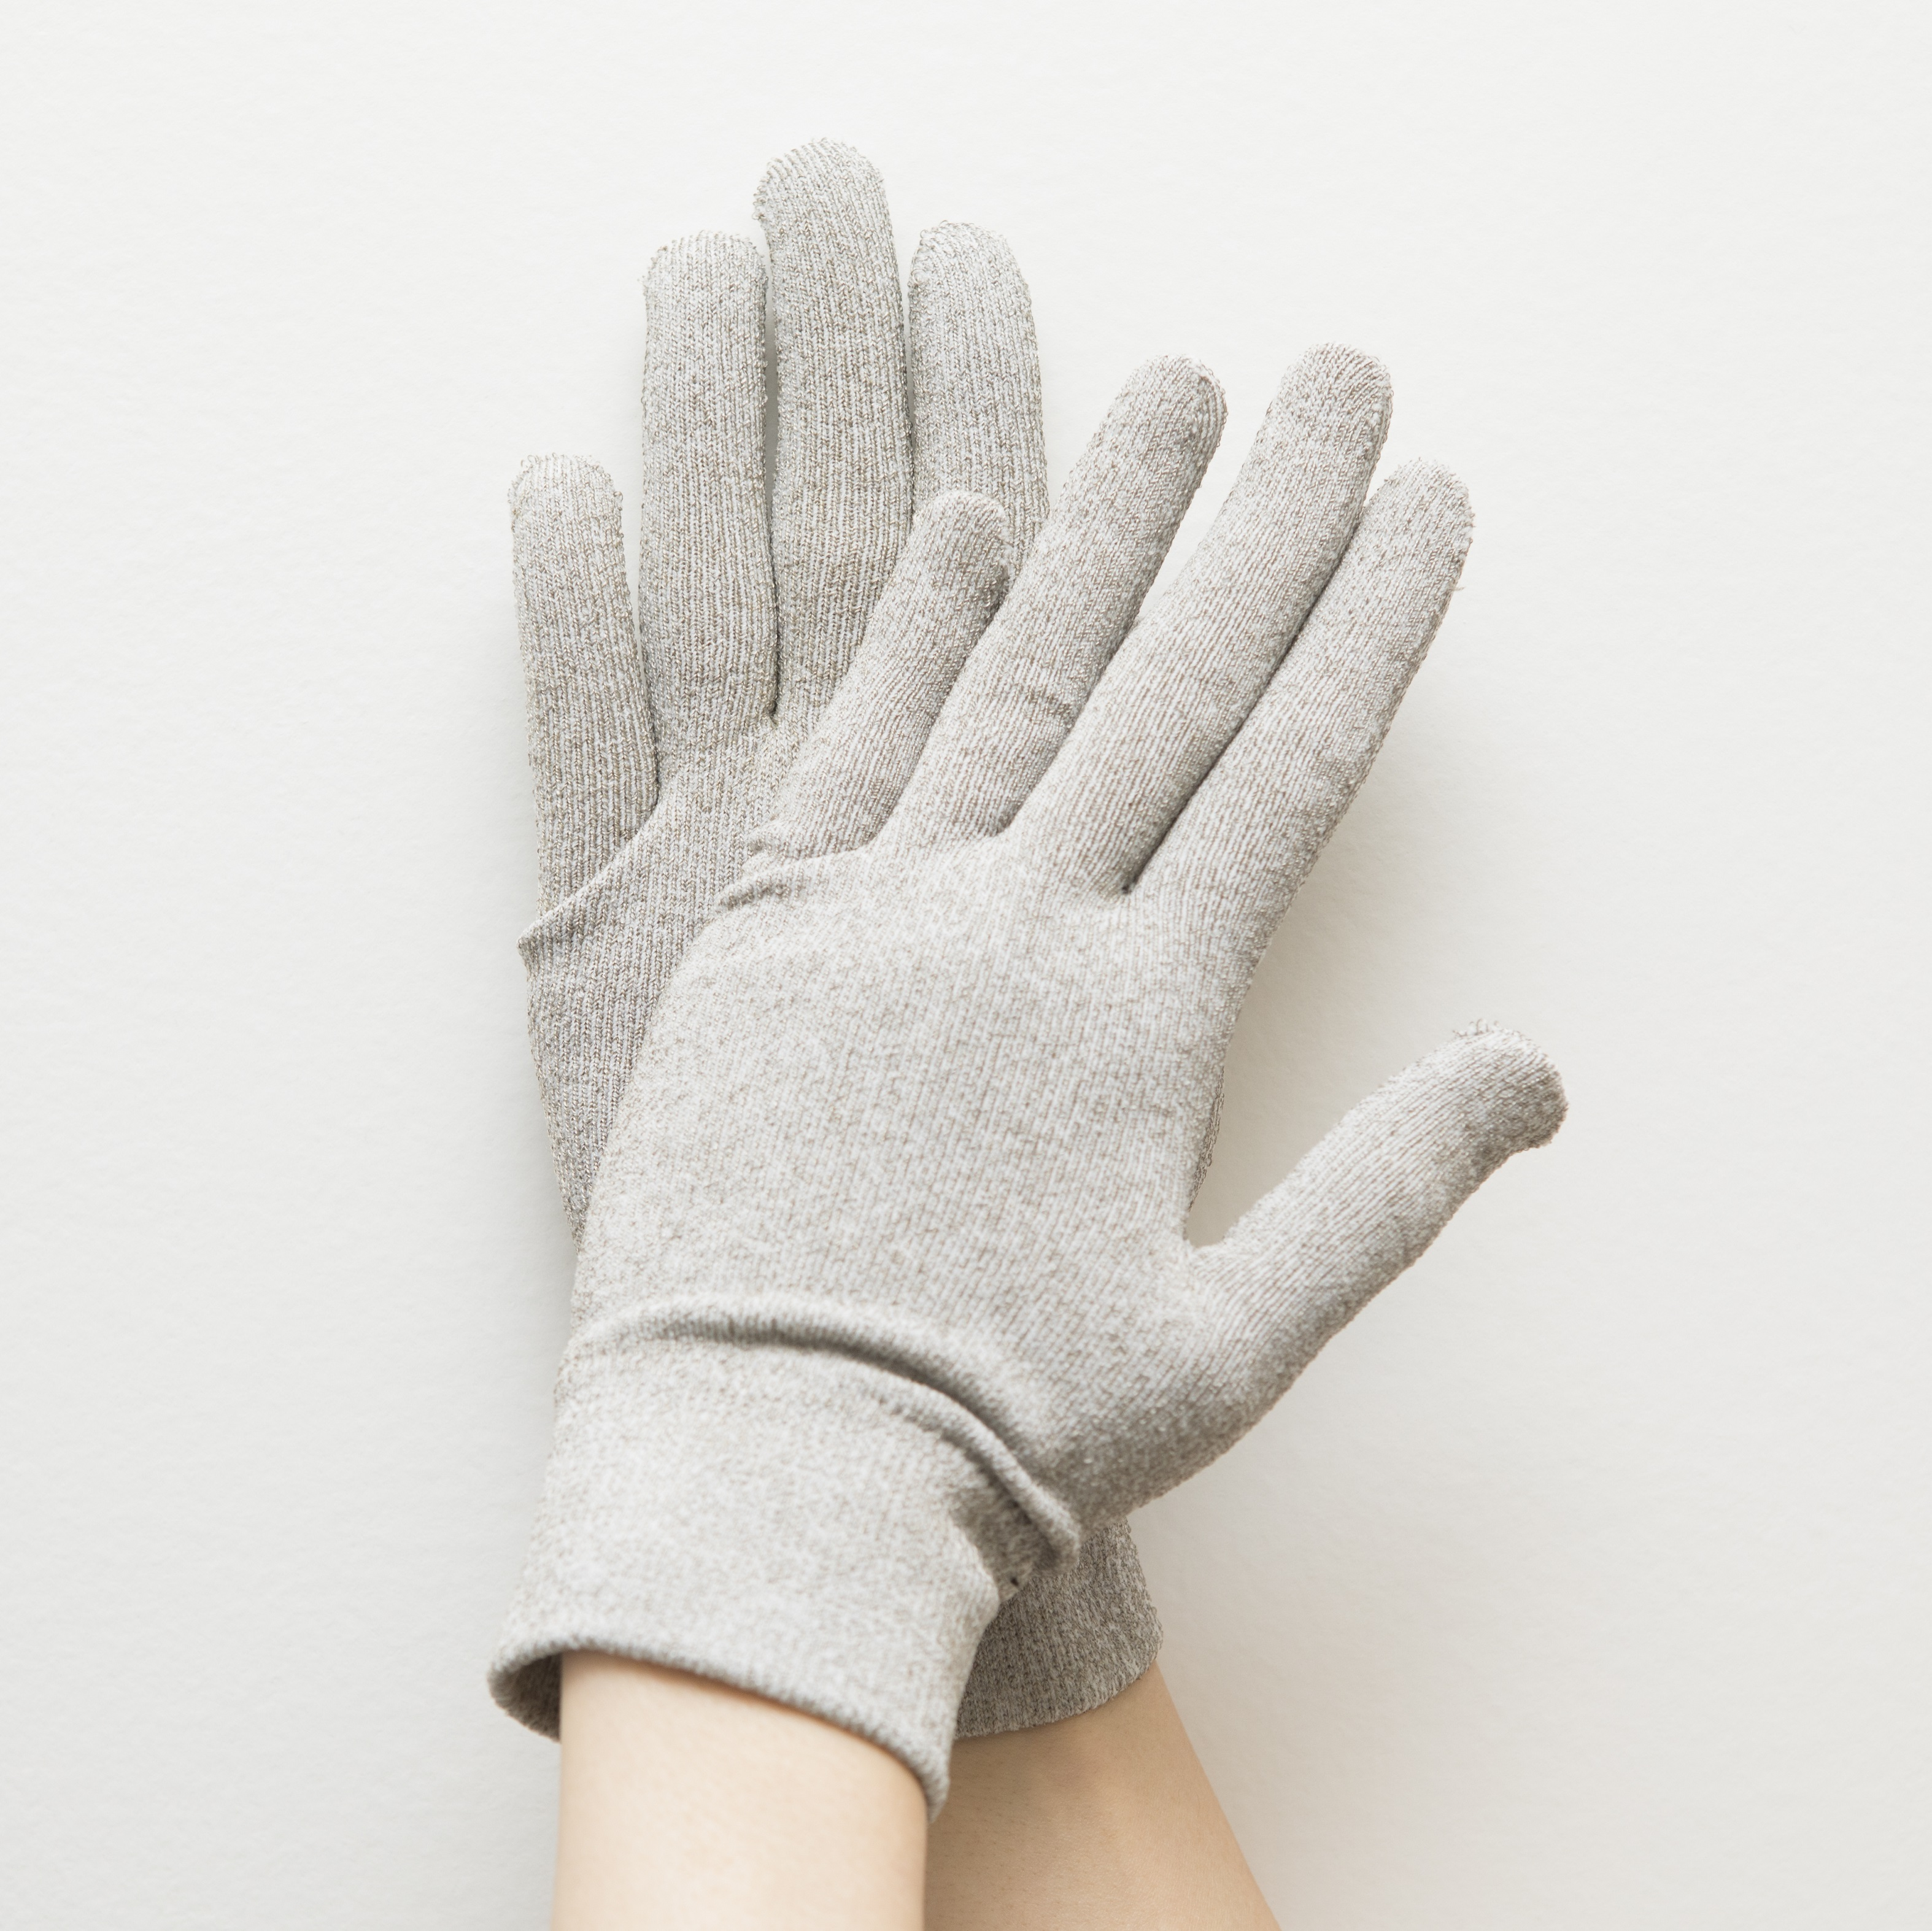 男女兼用のストレッチ素材でフィット感と伸縮性